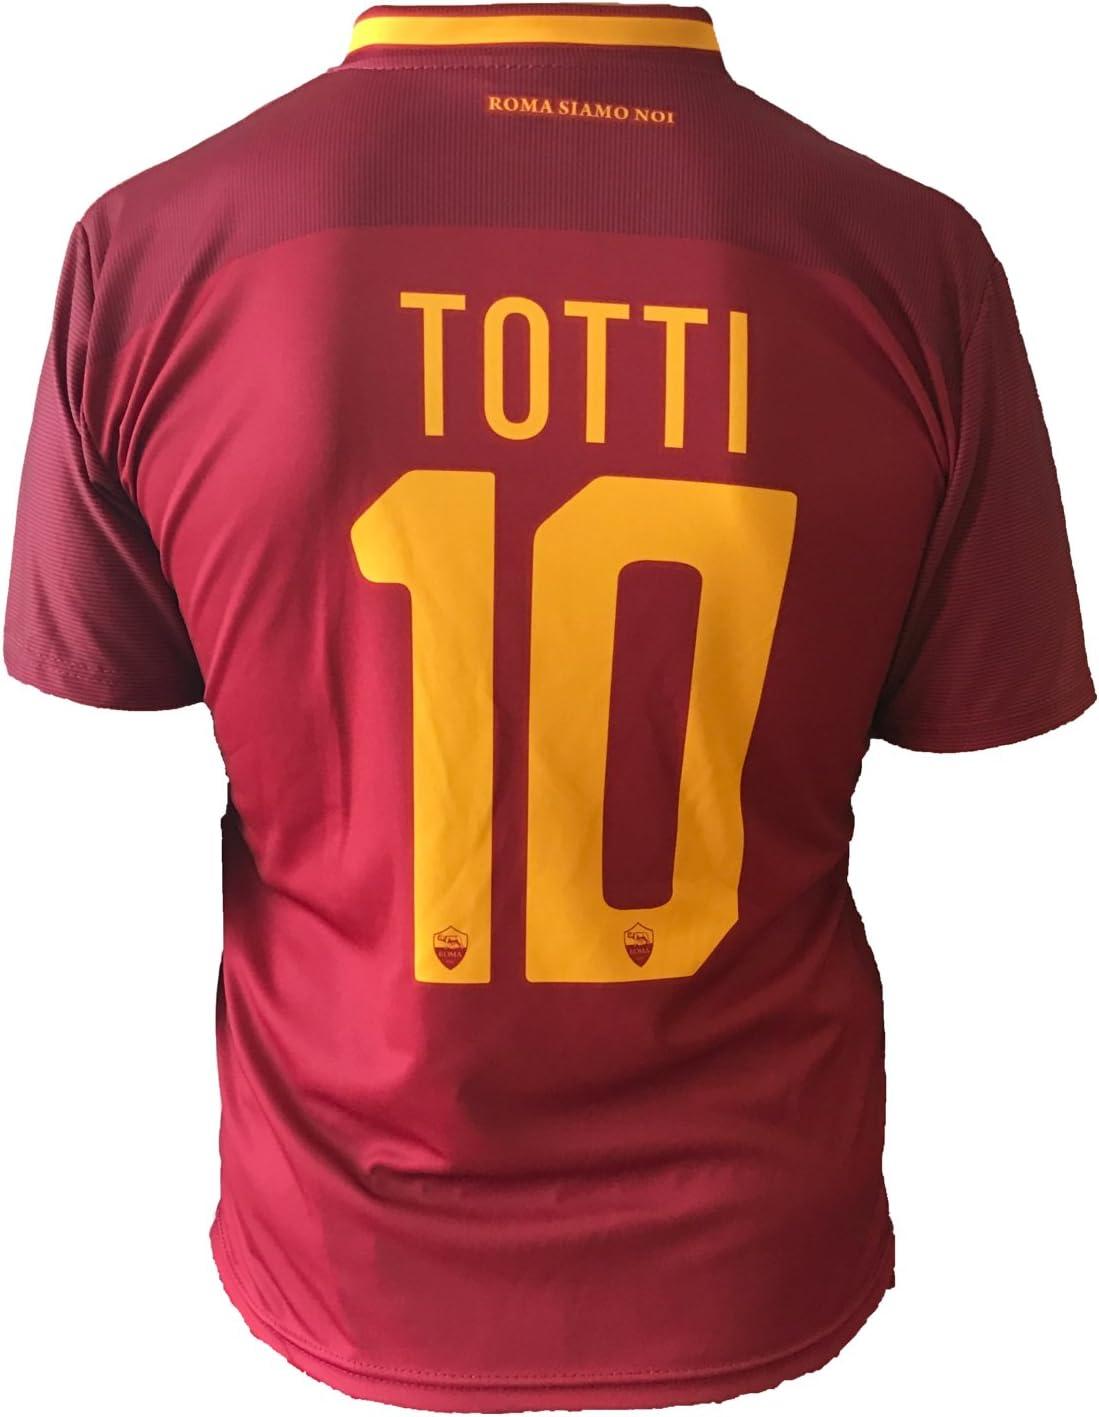 Camiseta de fútbol para niños o adolescentes, Roma, Francesco ...